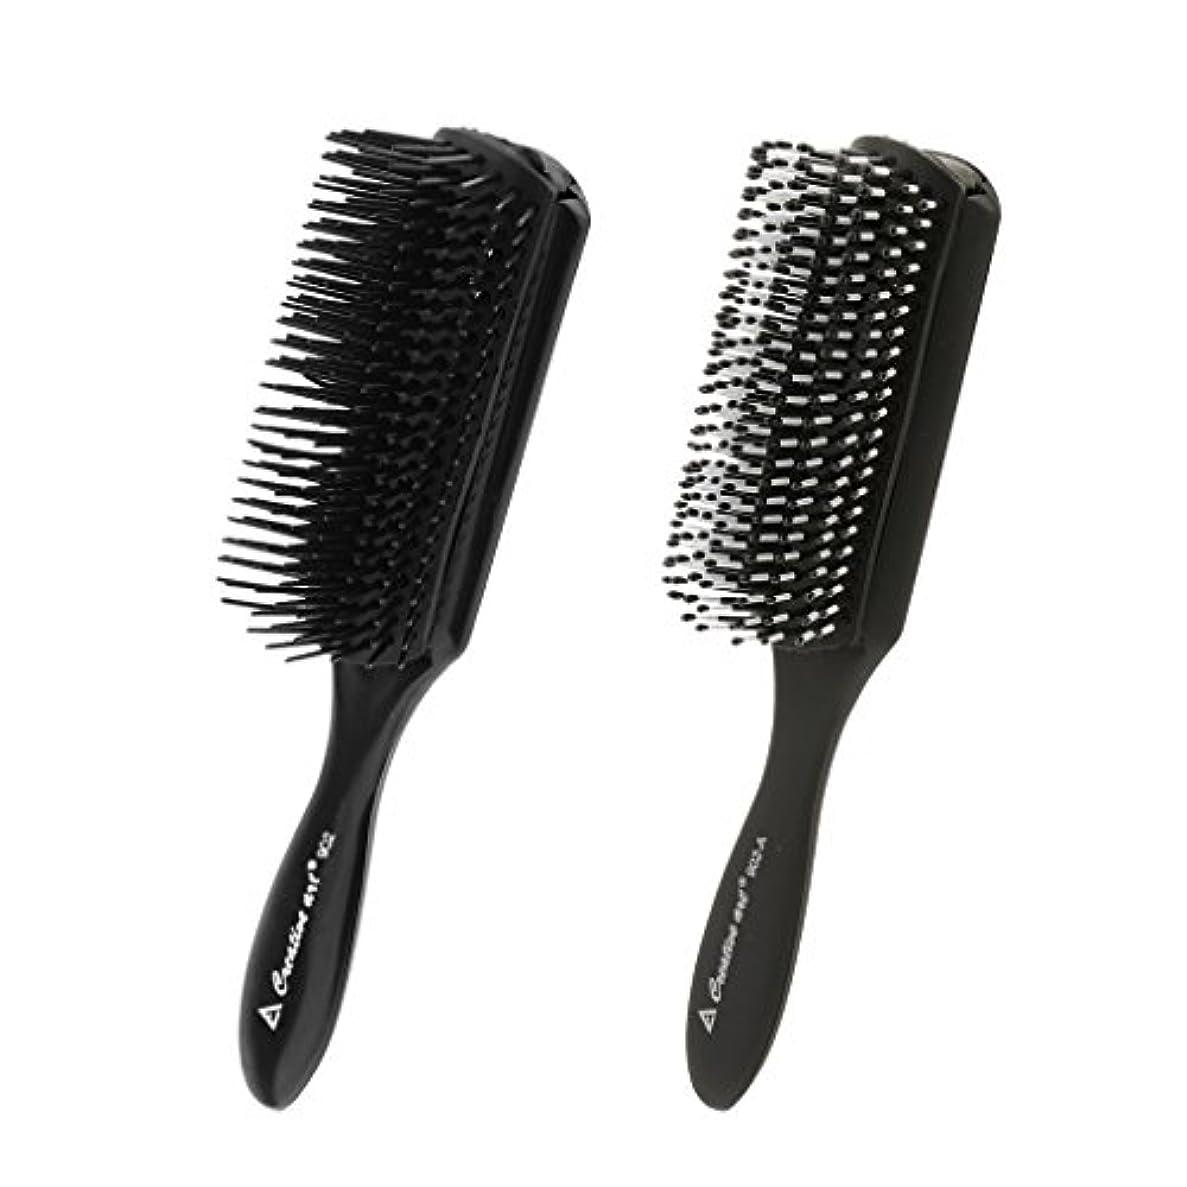 クアッガビート同情CUTICATE 2本の黒い髪のスタイリングの櫛頭皮マッサージブラシサロン理髪用